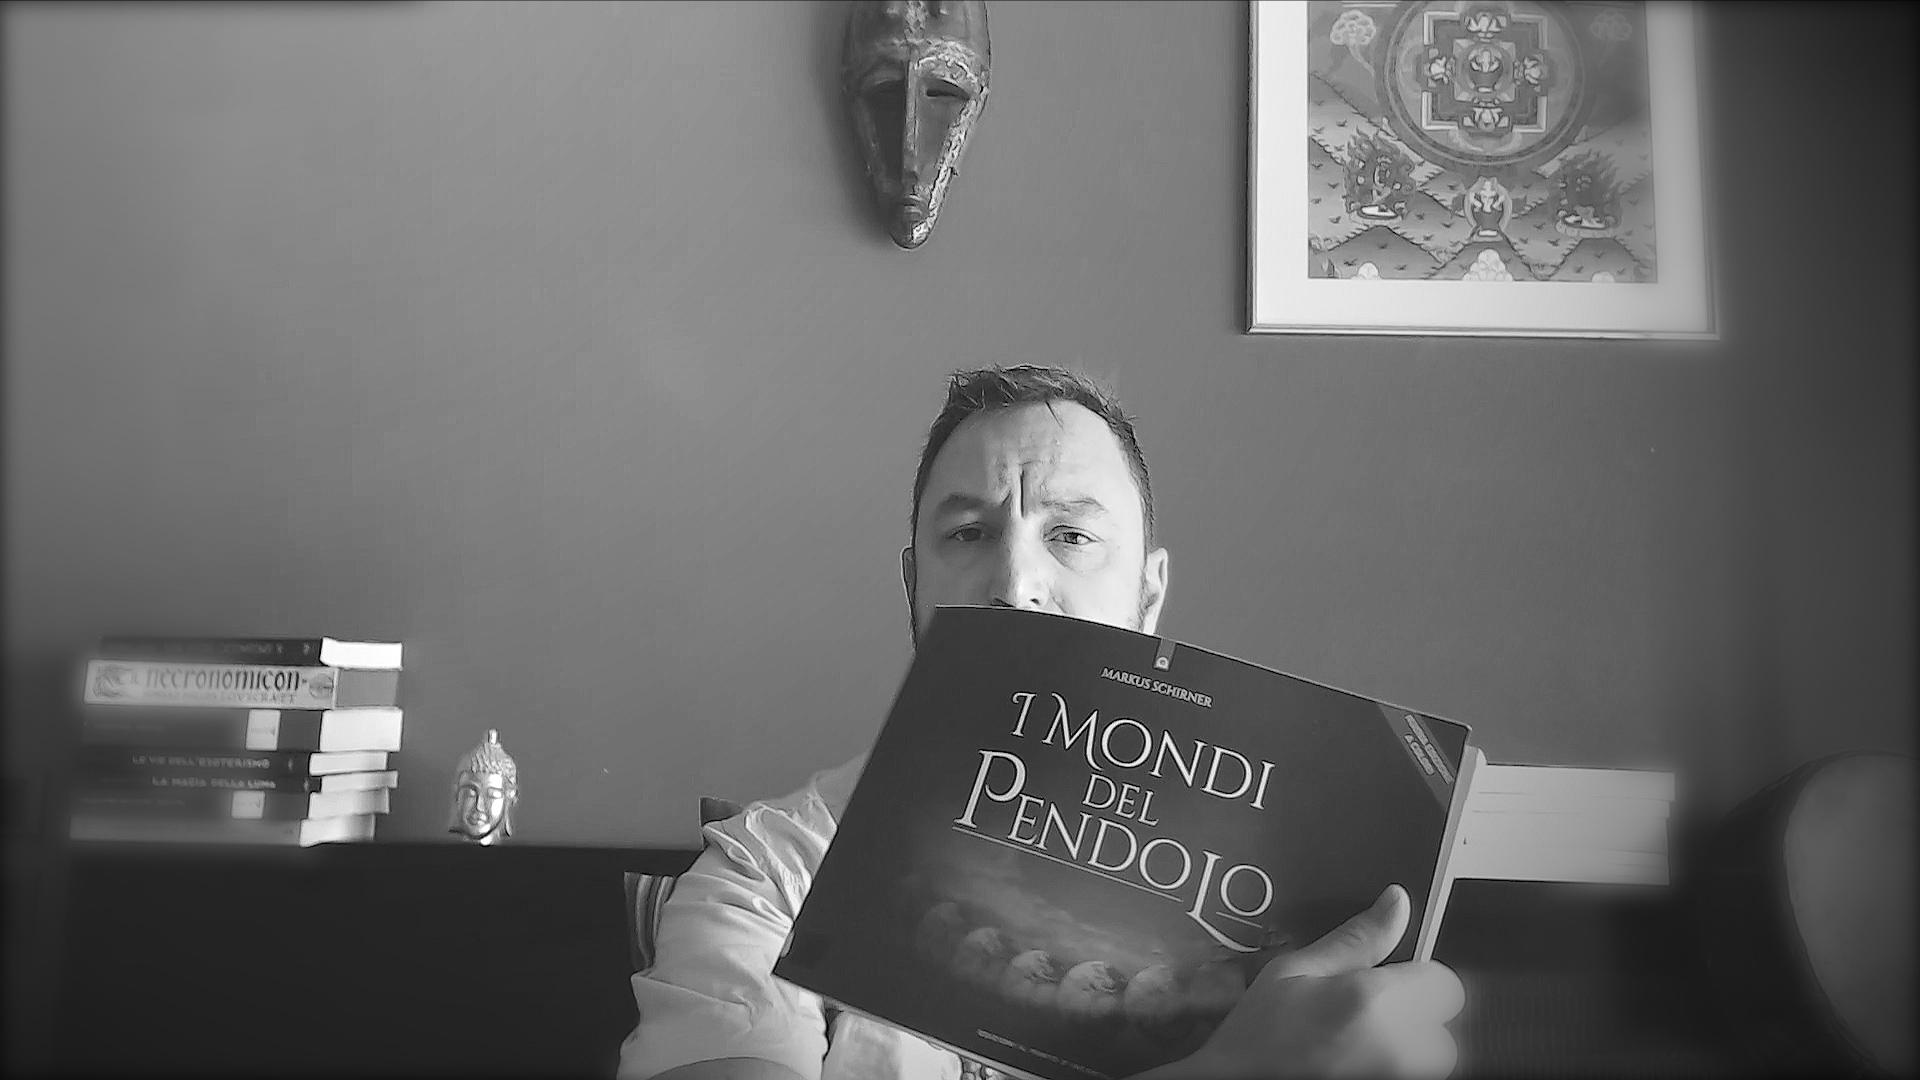 Libro I mondi del pendolo di Marcus Schirner